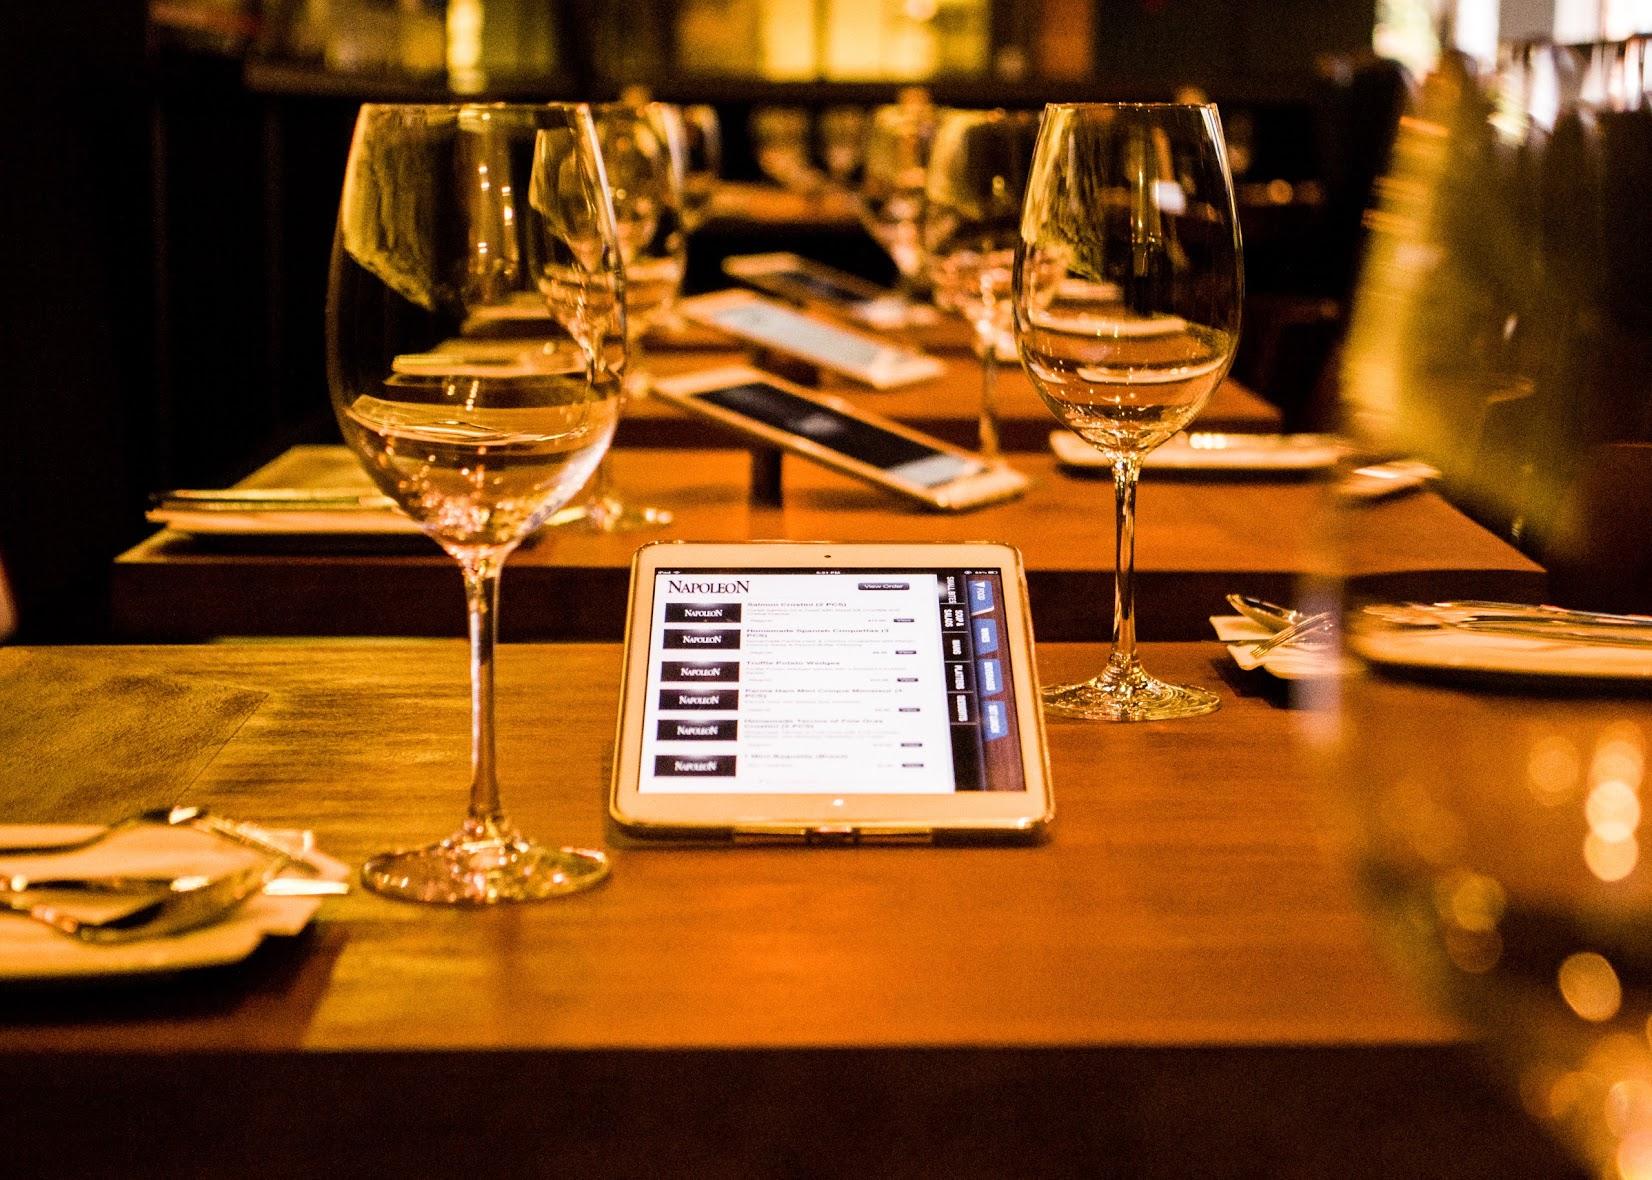 Finies les cartes en papier, bienvenue au menu sur tablette connectée